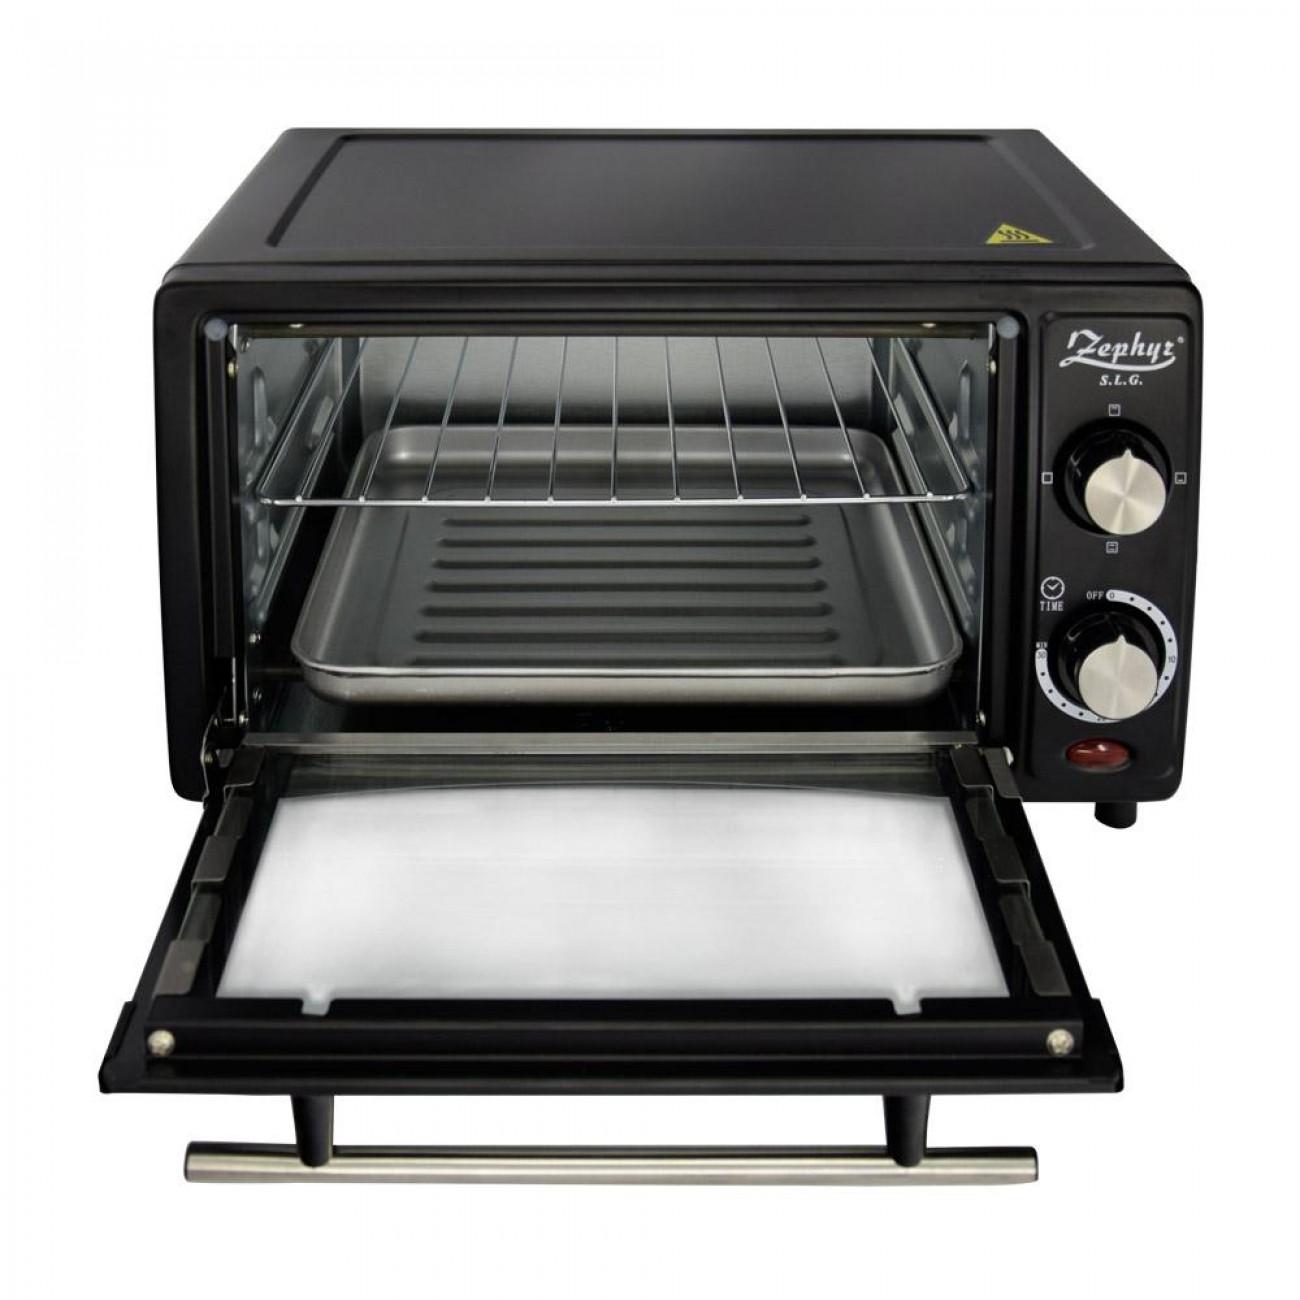 Малка готварска фурна ZEPHYR ZP 1441 R, 1200W, 12 л, Таймер, Тавичка, Черна в Електрически фурни - ZEPHYR | Alleop